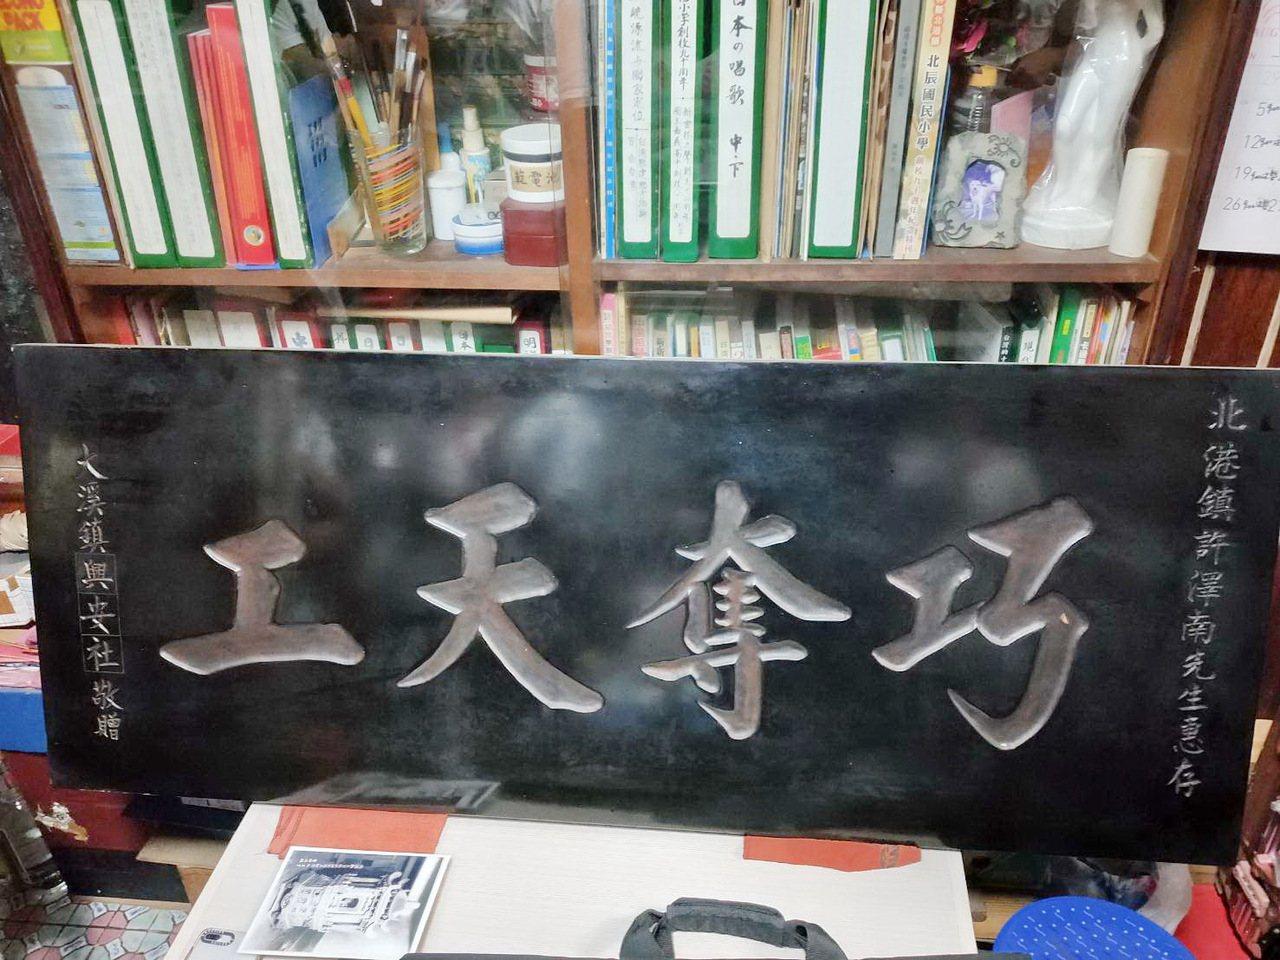 北港鎮神轎大師許澤南家中舊匾證明他才是桃園大溪興安社一座珍貴木雕神轎作者,因緣際...